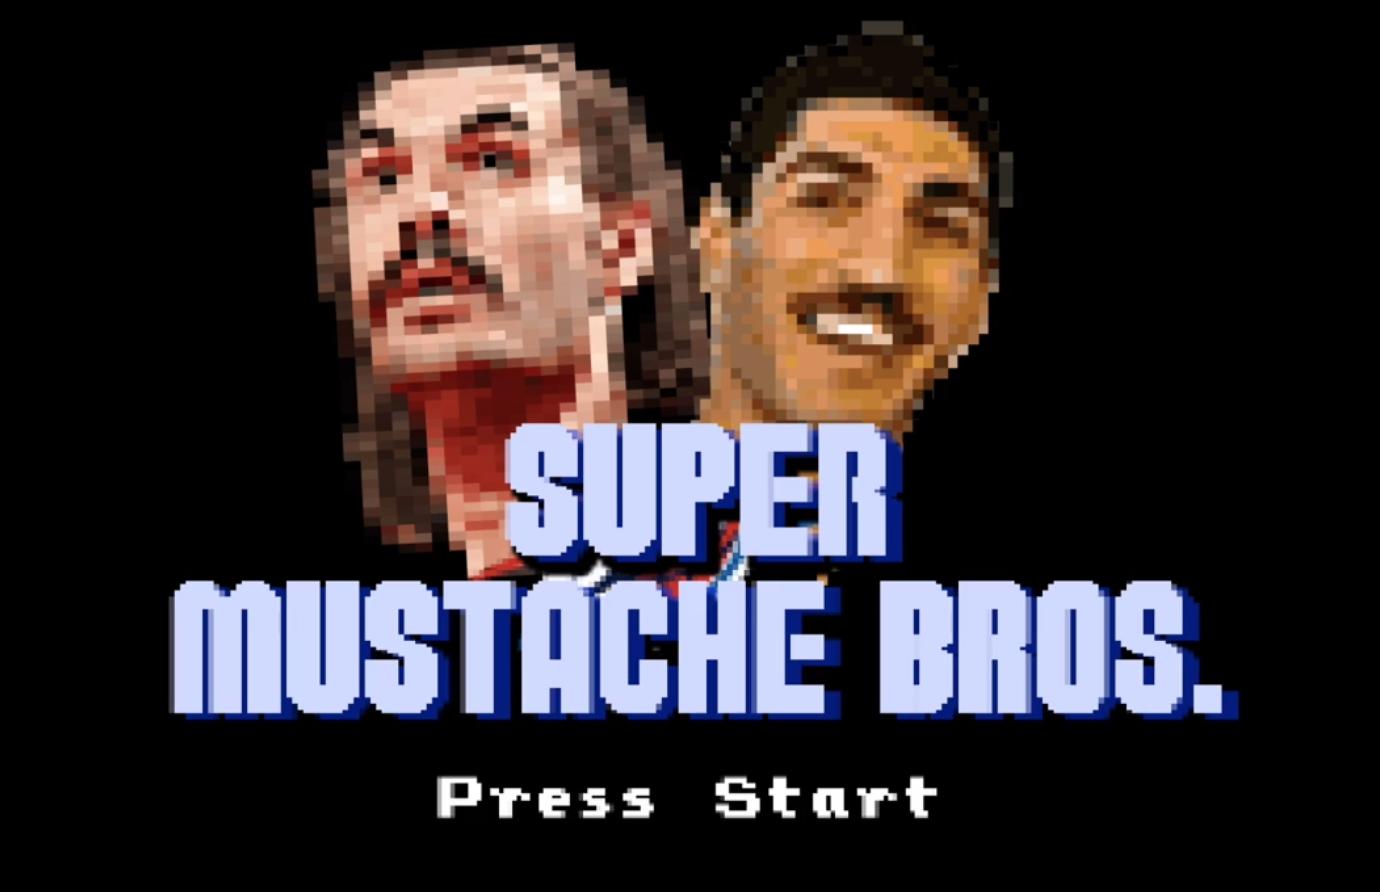 Magique : Westbrook et les Moustache Bros délivrent Kevin Durant dans une parodie de Mario Bros